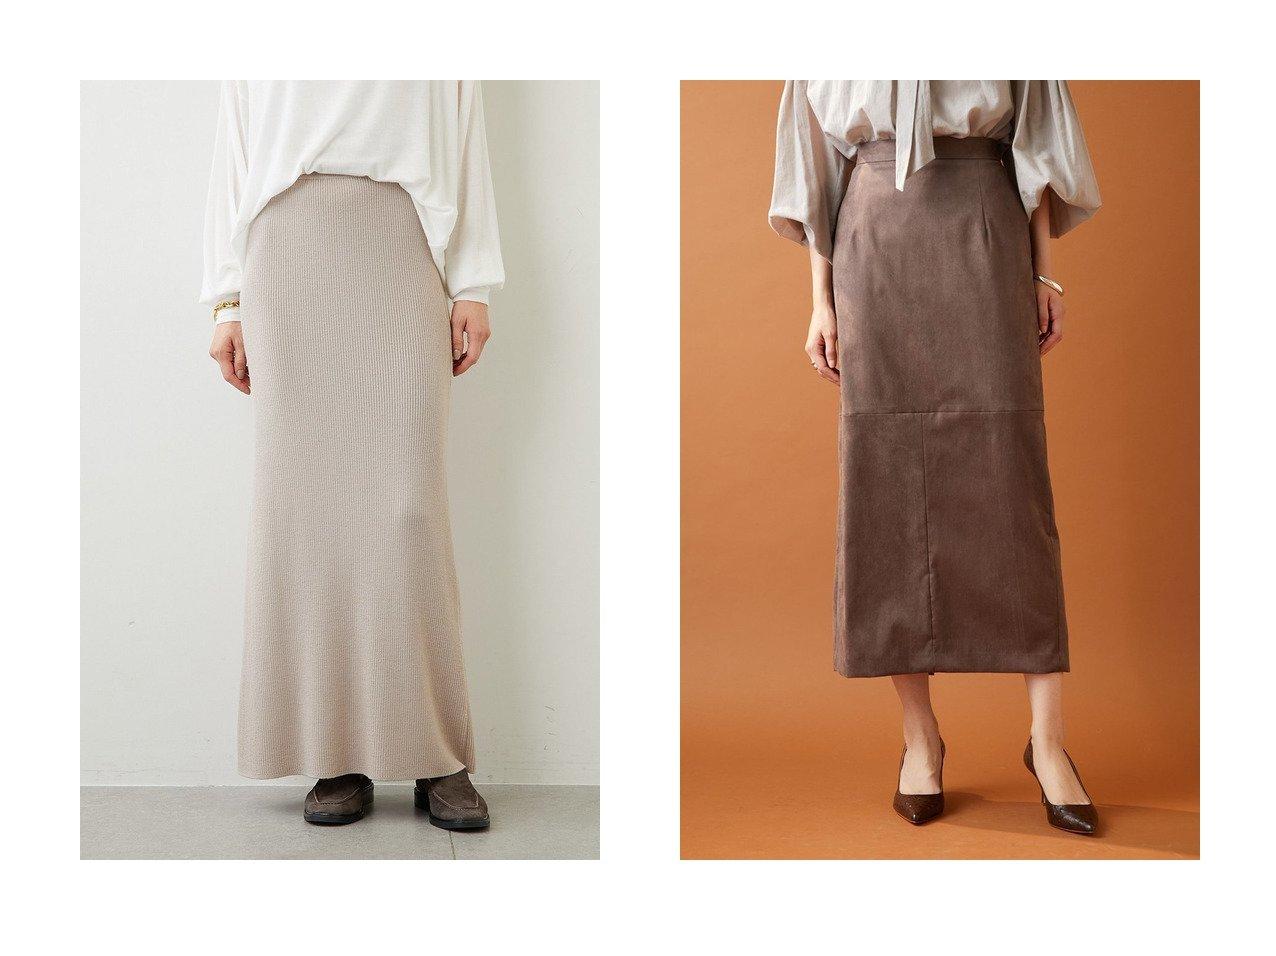 【Whim Gazette/ウィムガゼット】のSPI リブタイトスカート&【オンラインストア限定】フェイクスエードタイトスカート 【スカート】おすすめ!人気、トレンド・レディースファッションの通販 おすすめで人気の流行・トレンド、ファッションの通販商品 インテリア・家具・メンズファッション・キッズファッション・レディースファッション・服の通販 founy(ファニー) https://founy.com/ ファッション Fashion レディースファッション WOMEN スカート Skirt ロングスカート Long Skirt シンプル セットアップ フィット フレア ロング A/W・秋冬 AW・Autumn/Winter・FW・Fall-Winter 2020年 2020 2021年 2021 2020-2021秋冬・A/W AW・Autumn/Winter・FW・Fall-Winter/2020-2021 2021-2022秋冬・A/W AW・Autumn/Winter・FW・Fall-Winter・2021-2022 おすすめ Recommend ストレッチ スリット フェイクスエード ベーシック  ID:crp329100000068571